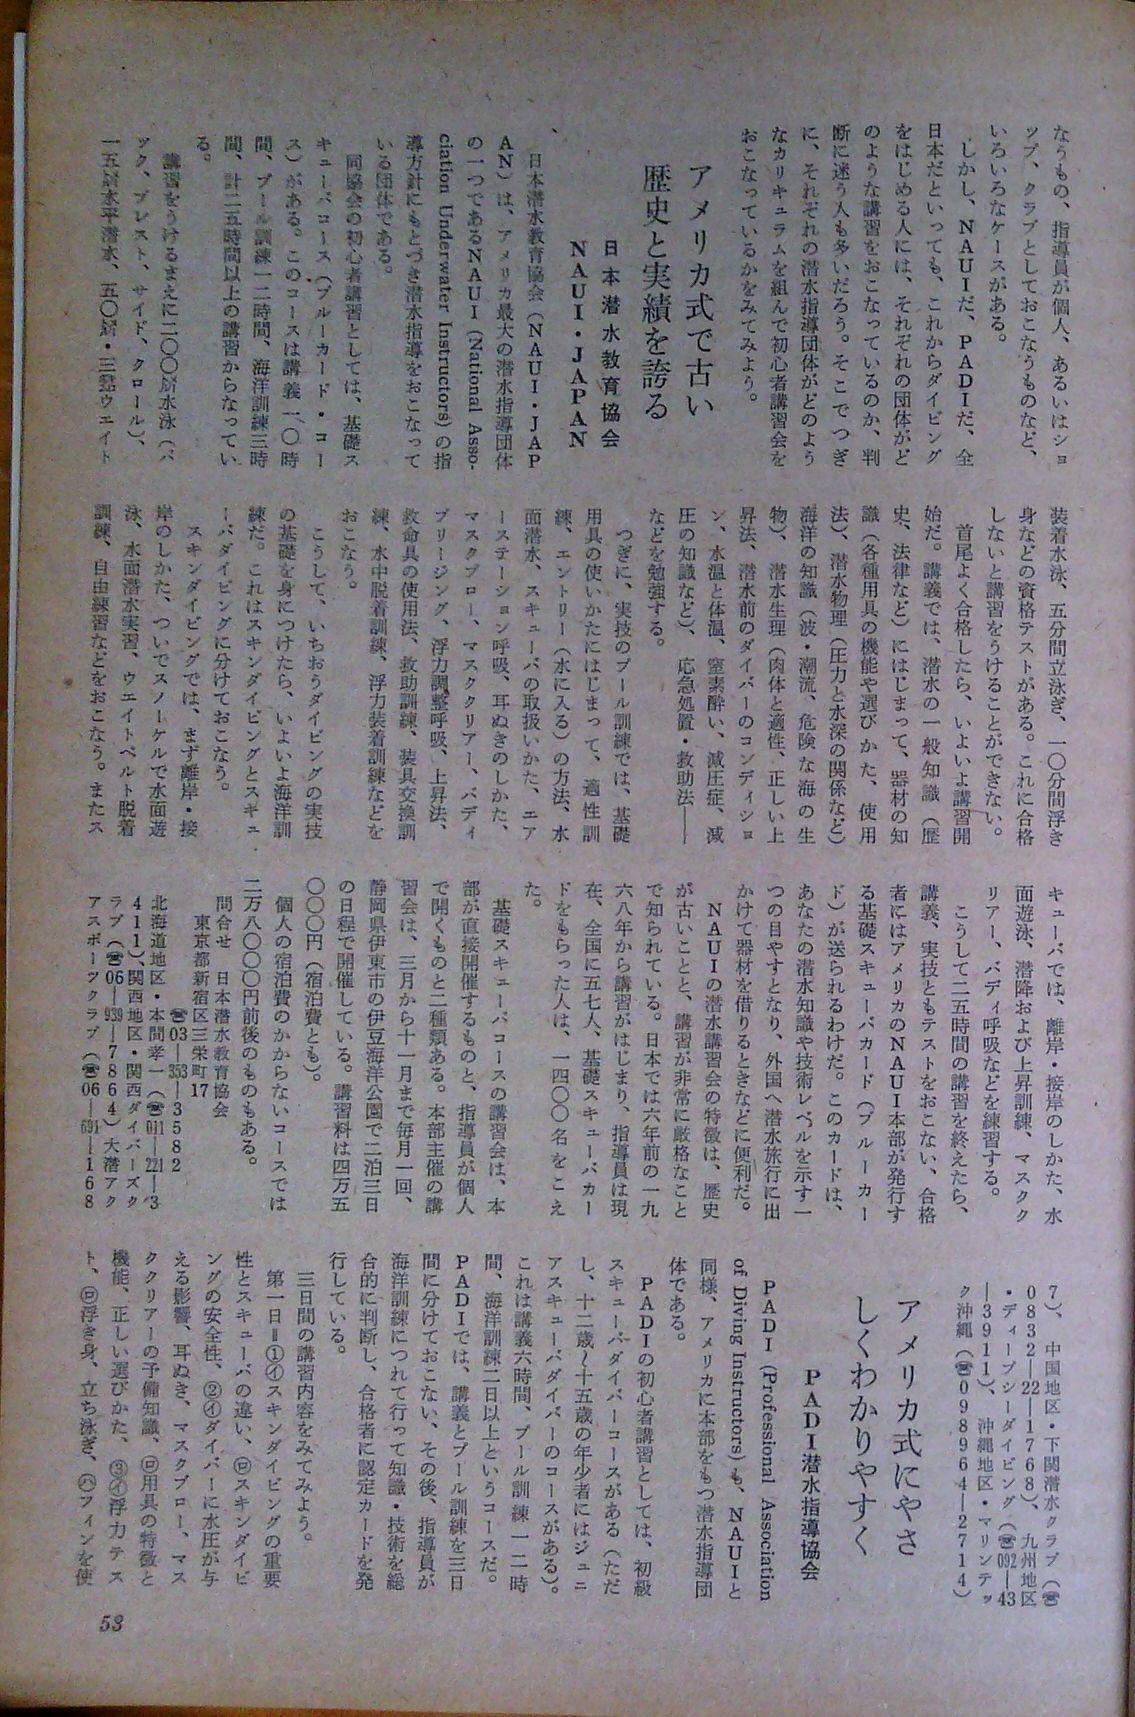 0513 ダイビングの歴史 70 海の世界 1974年 5月_b0075059_13205052.jpg